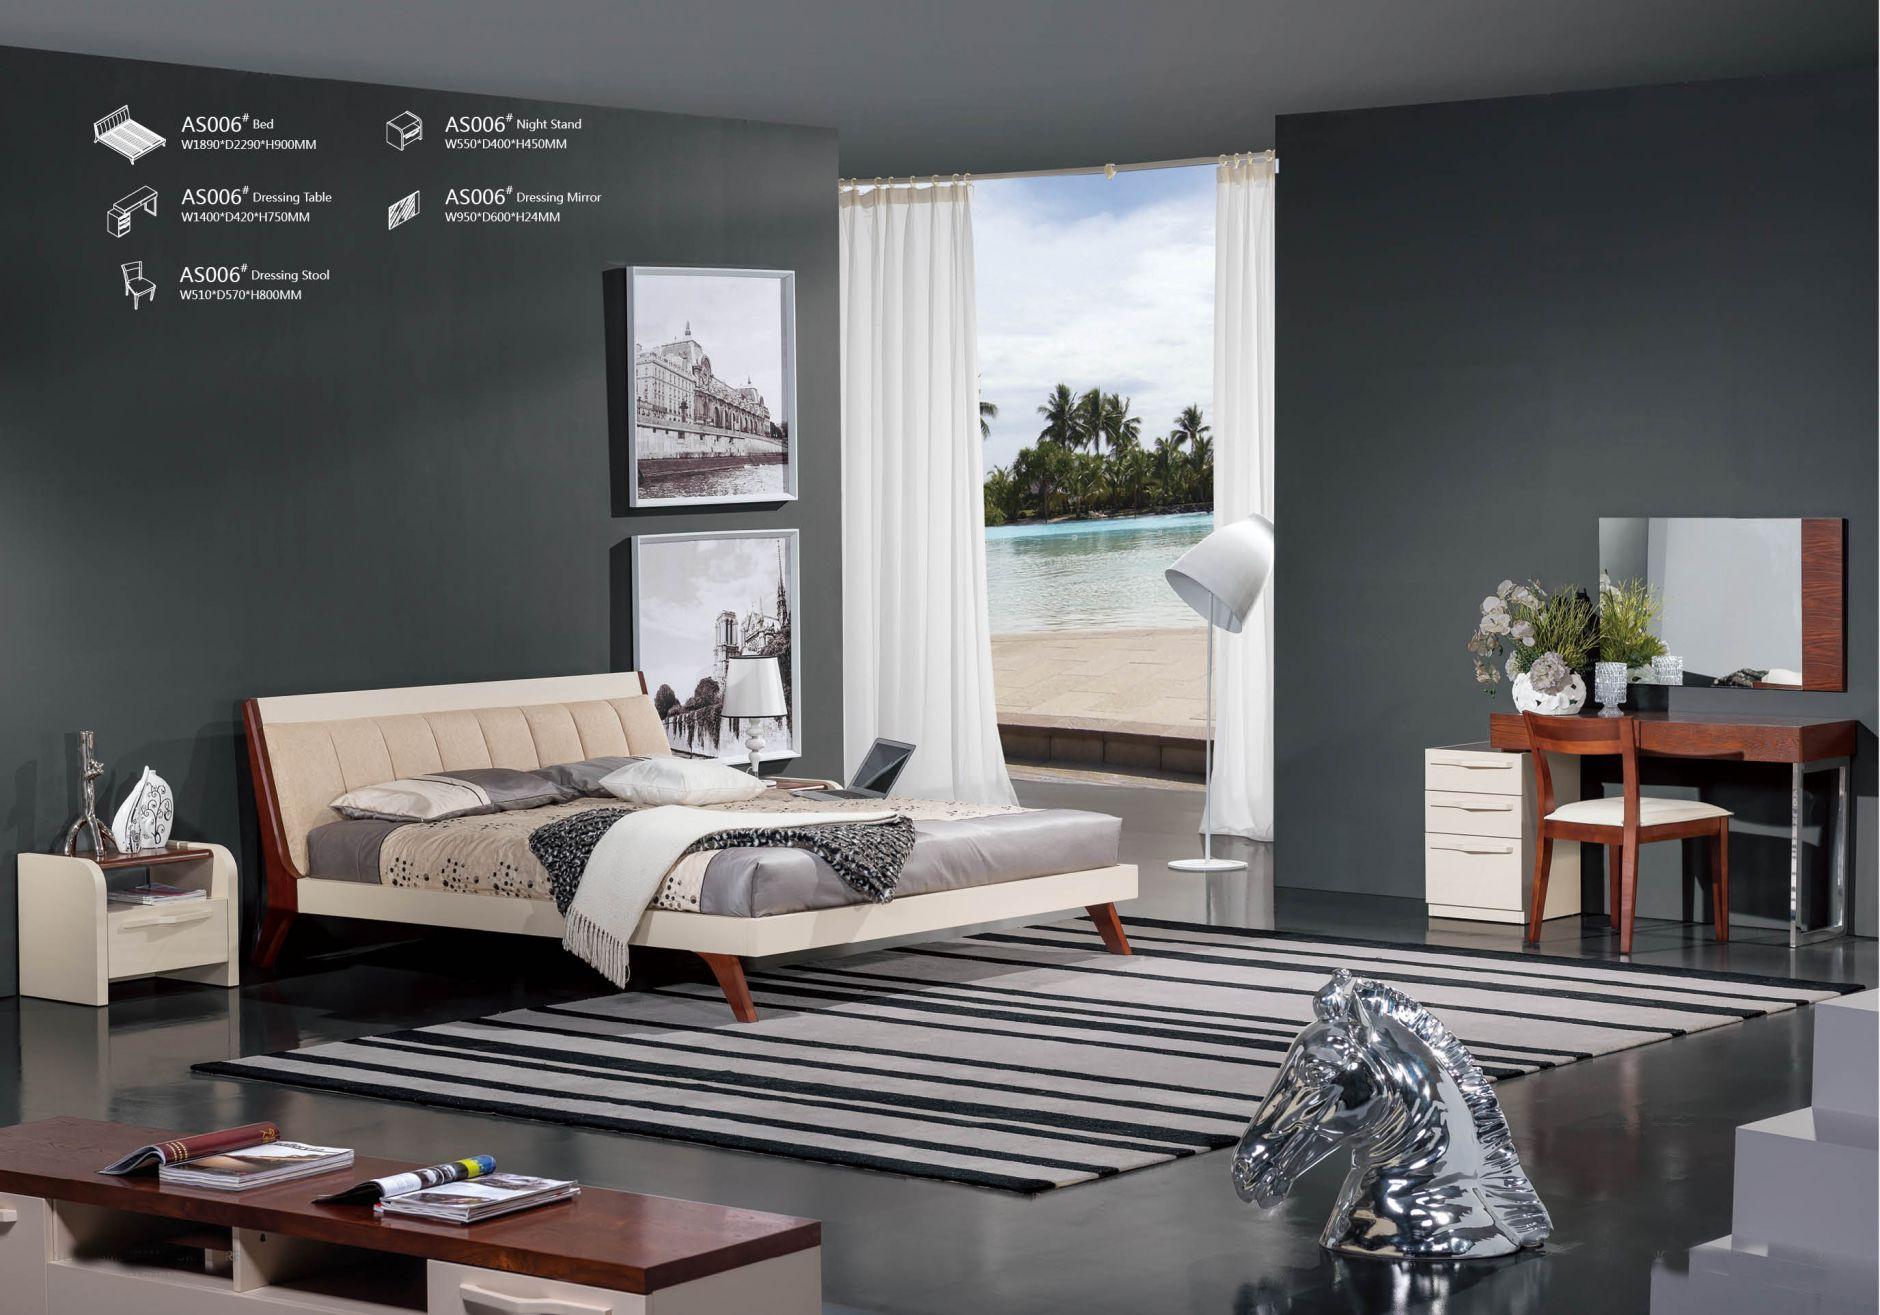 Designer m bel schlafzimmer serie as006die m bel aus italien - Designermobel italien ...